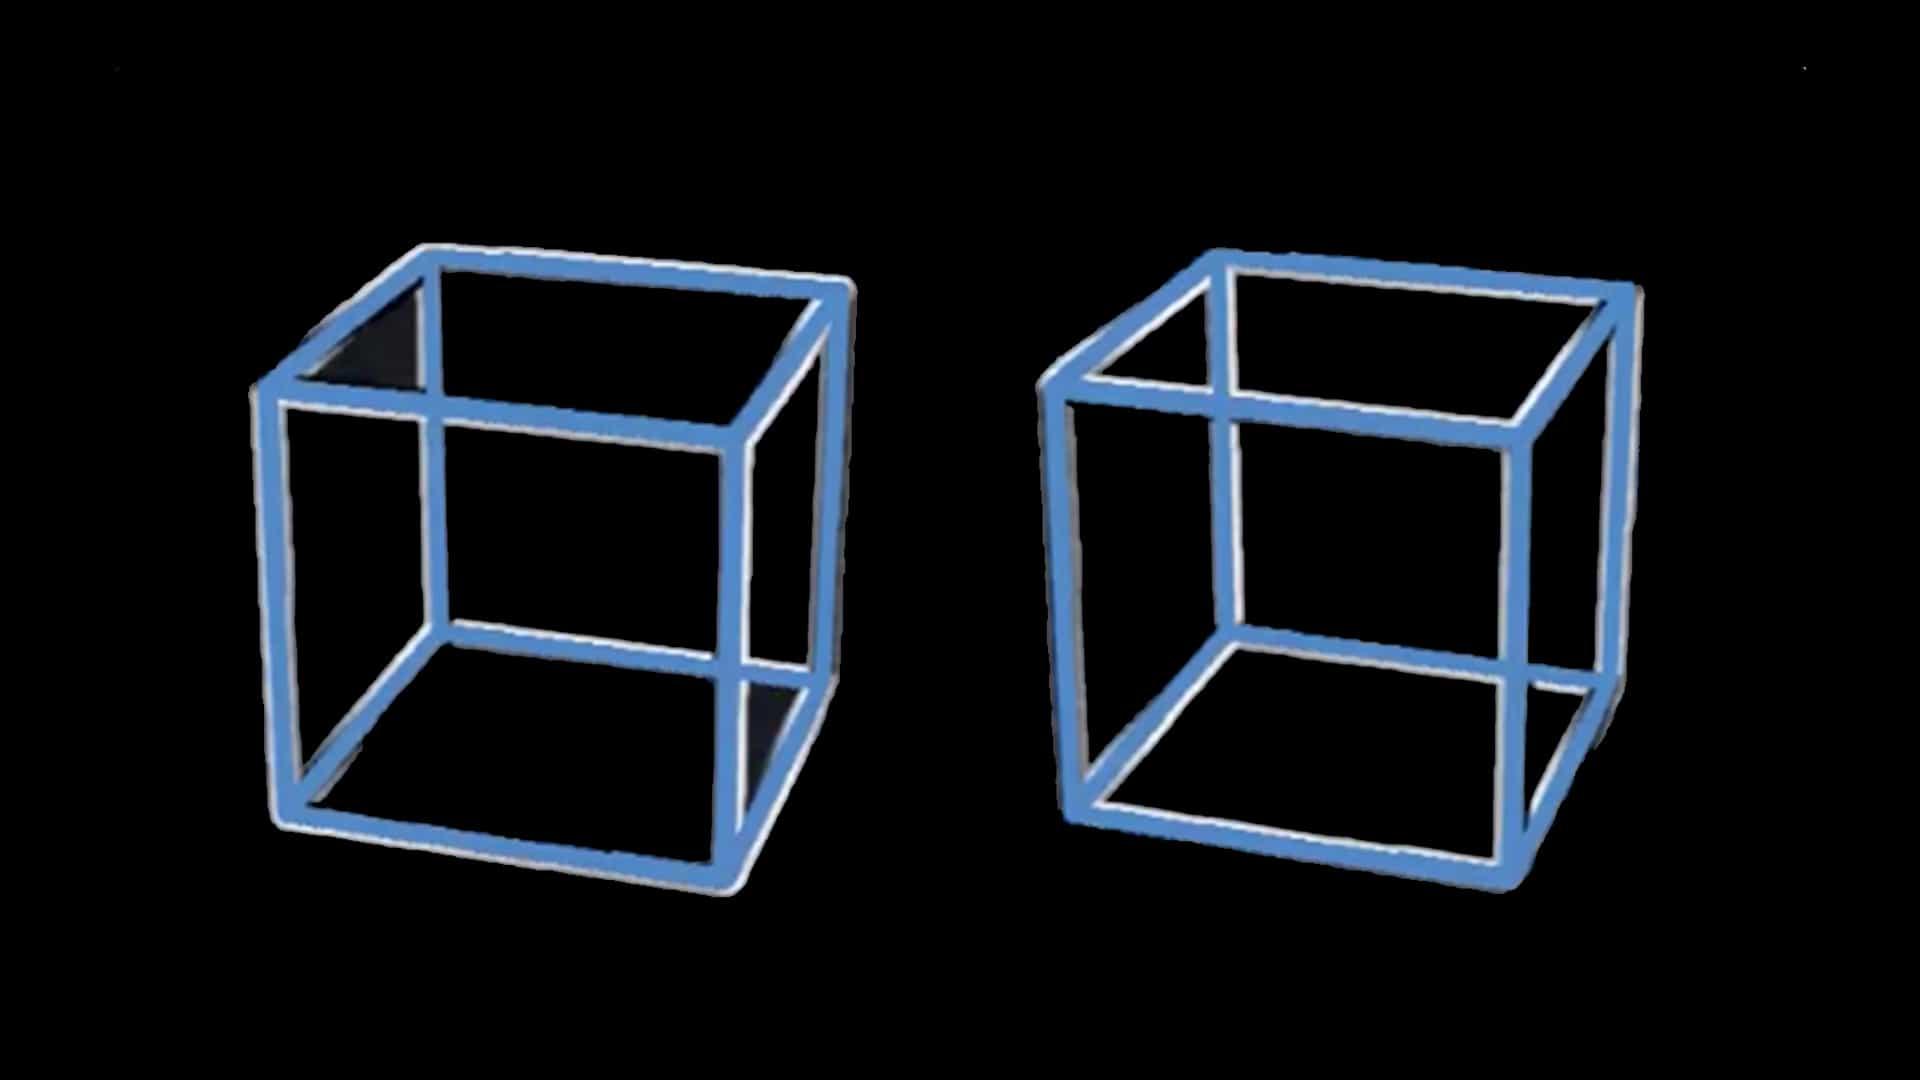 La ilusión óptica 'giratoria' garantizada para hacer girar la cabeza